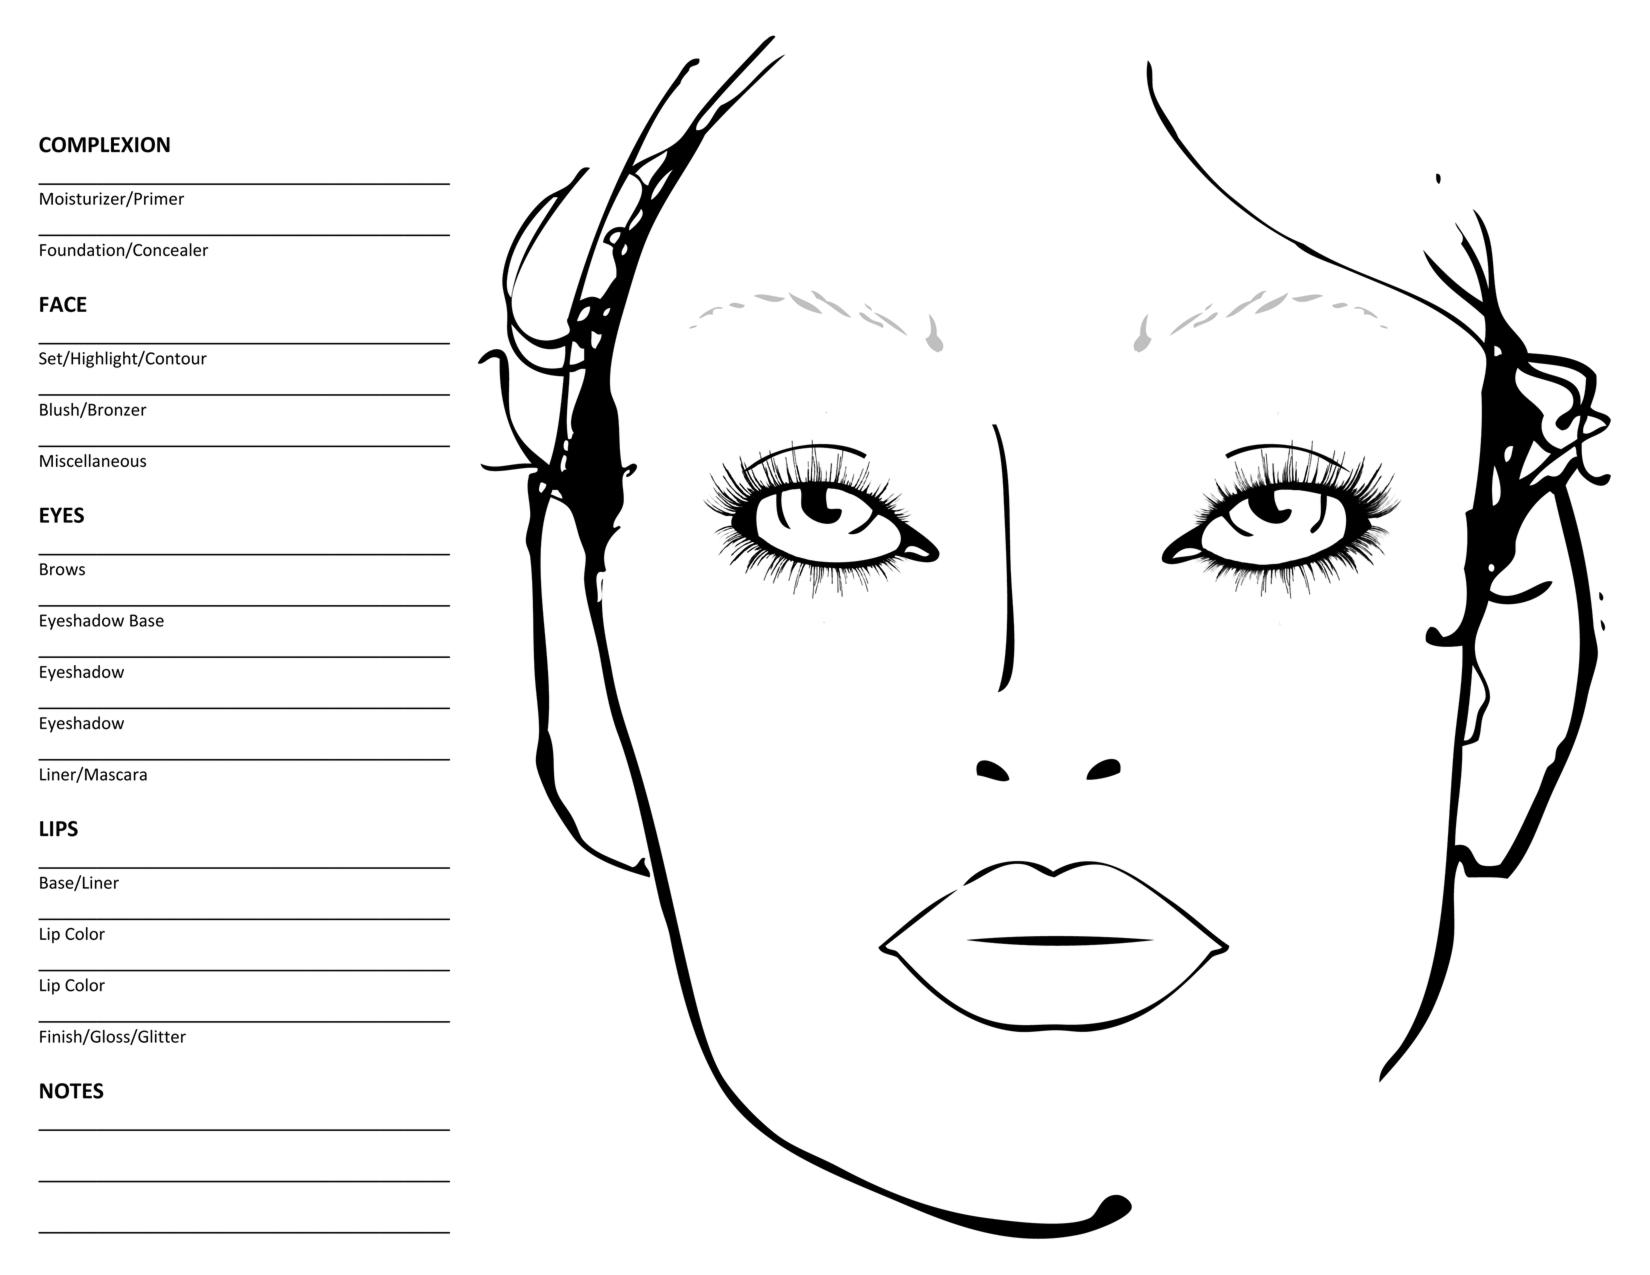 Free Iridology Eye Chart Downloads